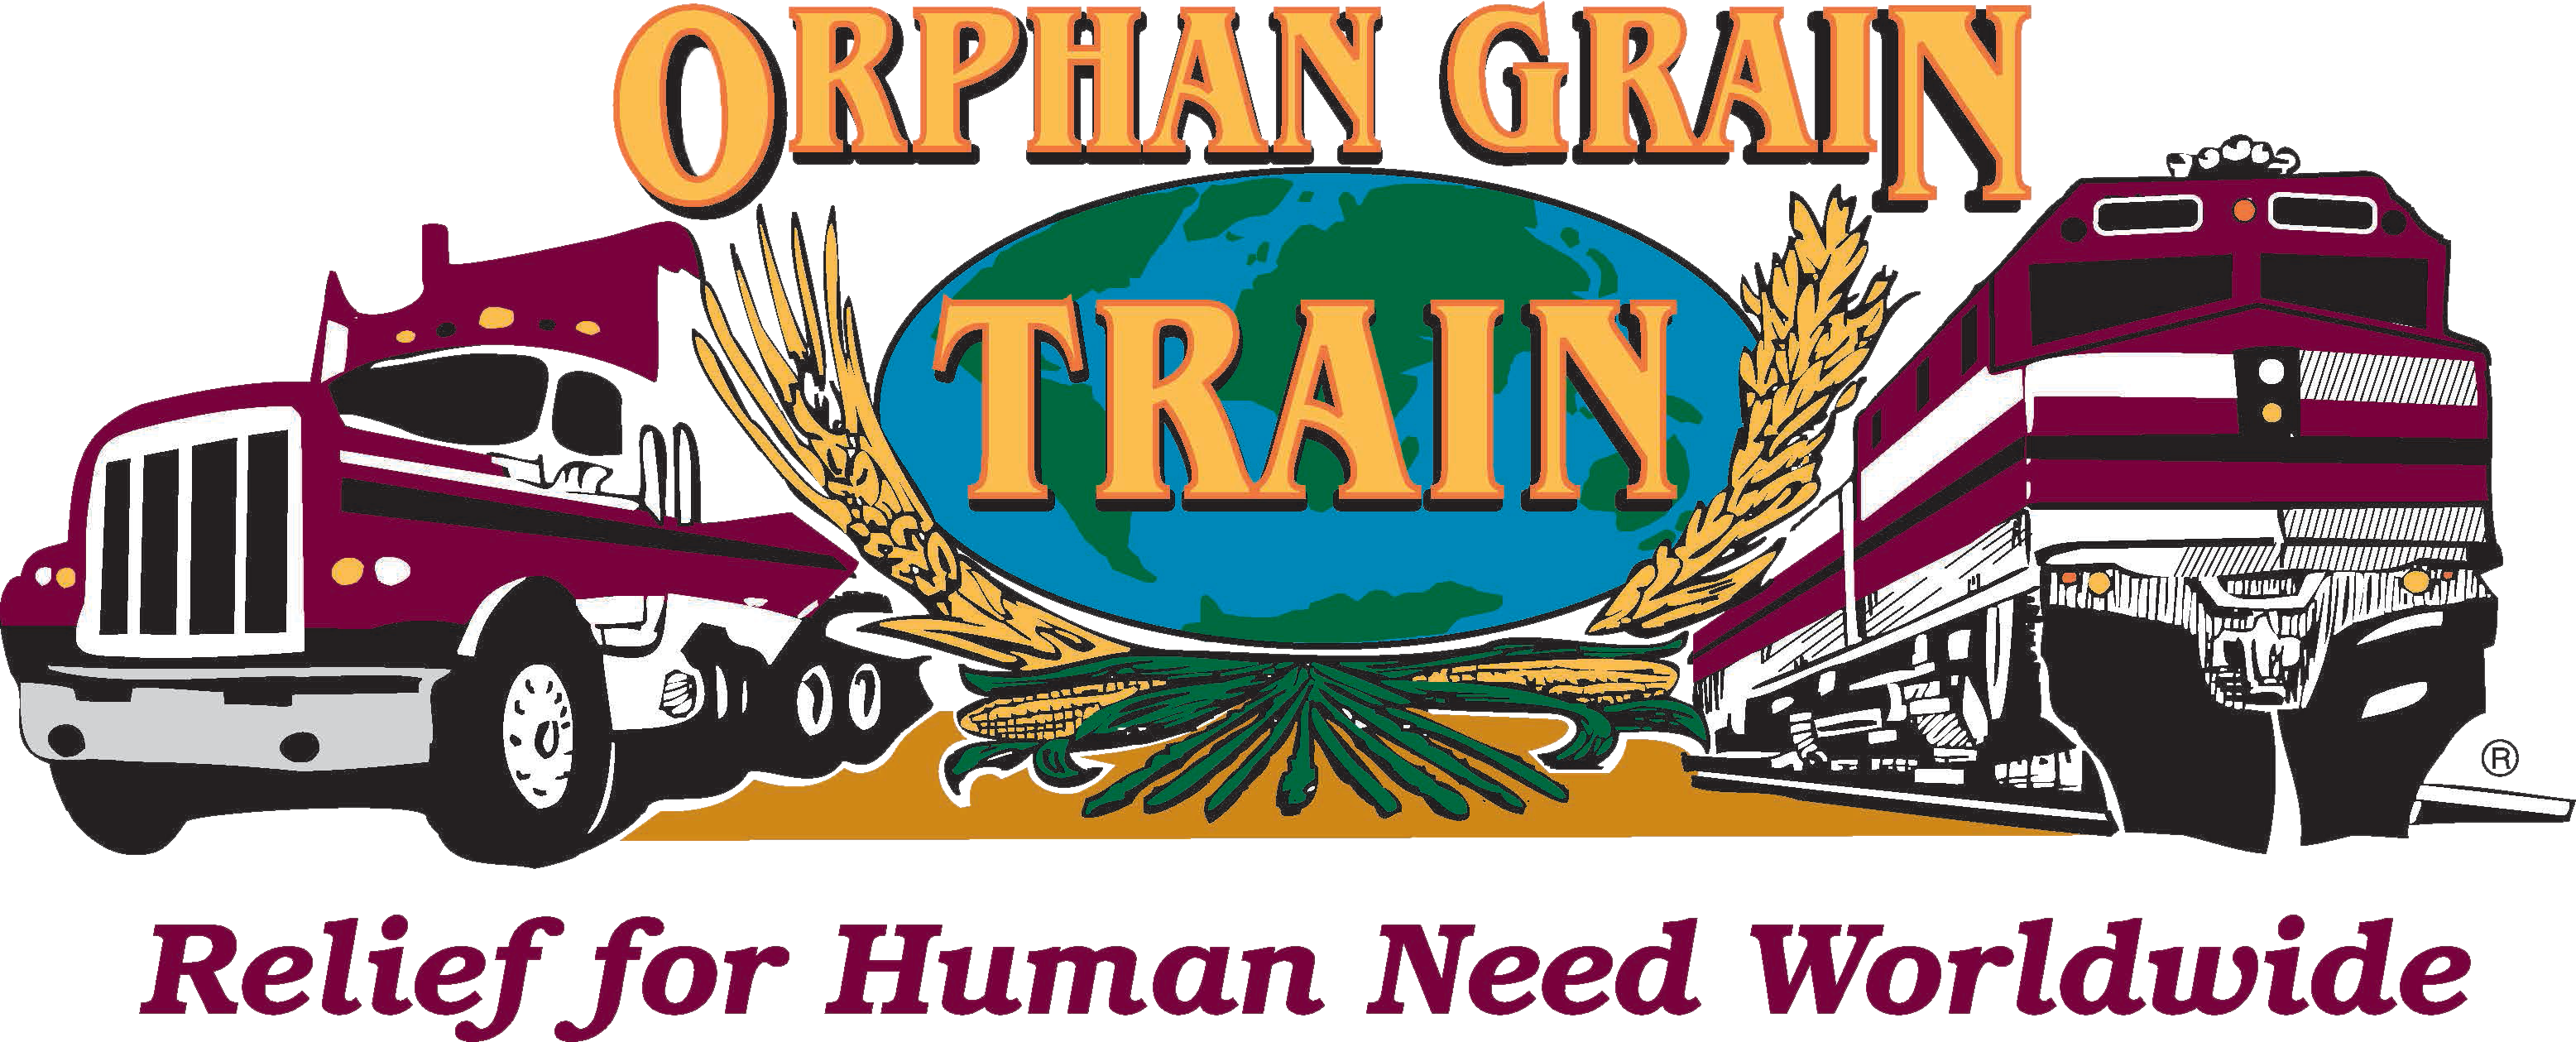 Fundación Orphan Grain Train de Panamá